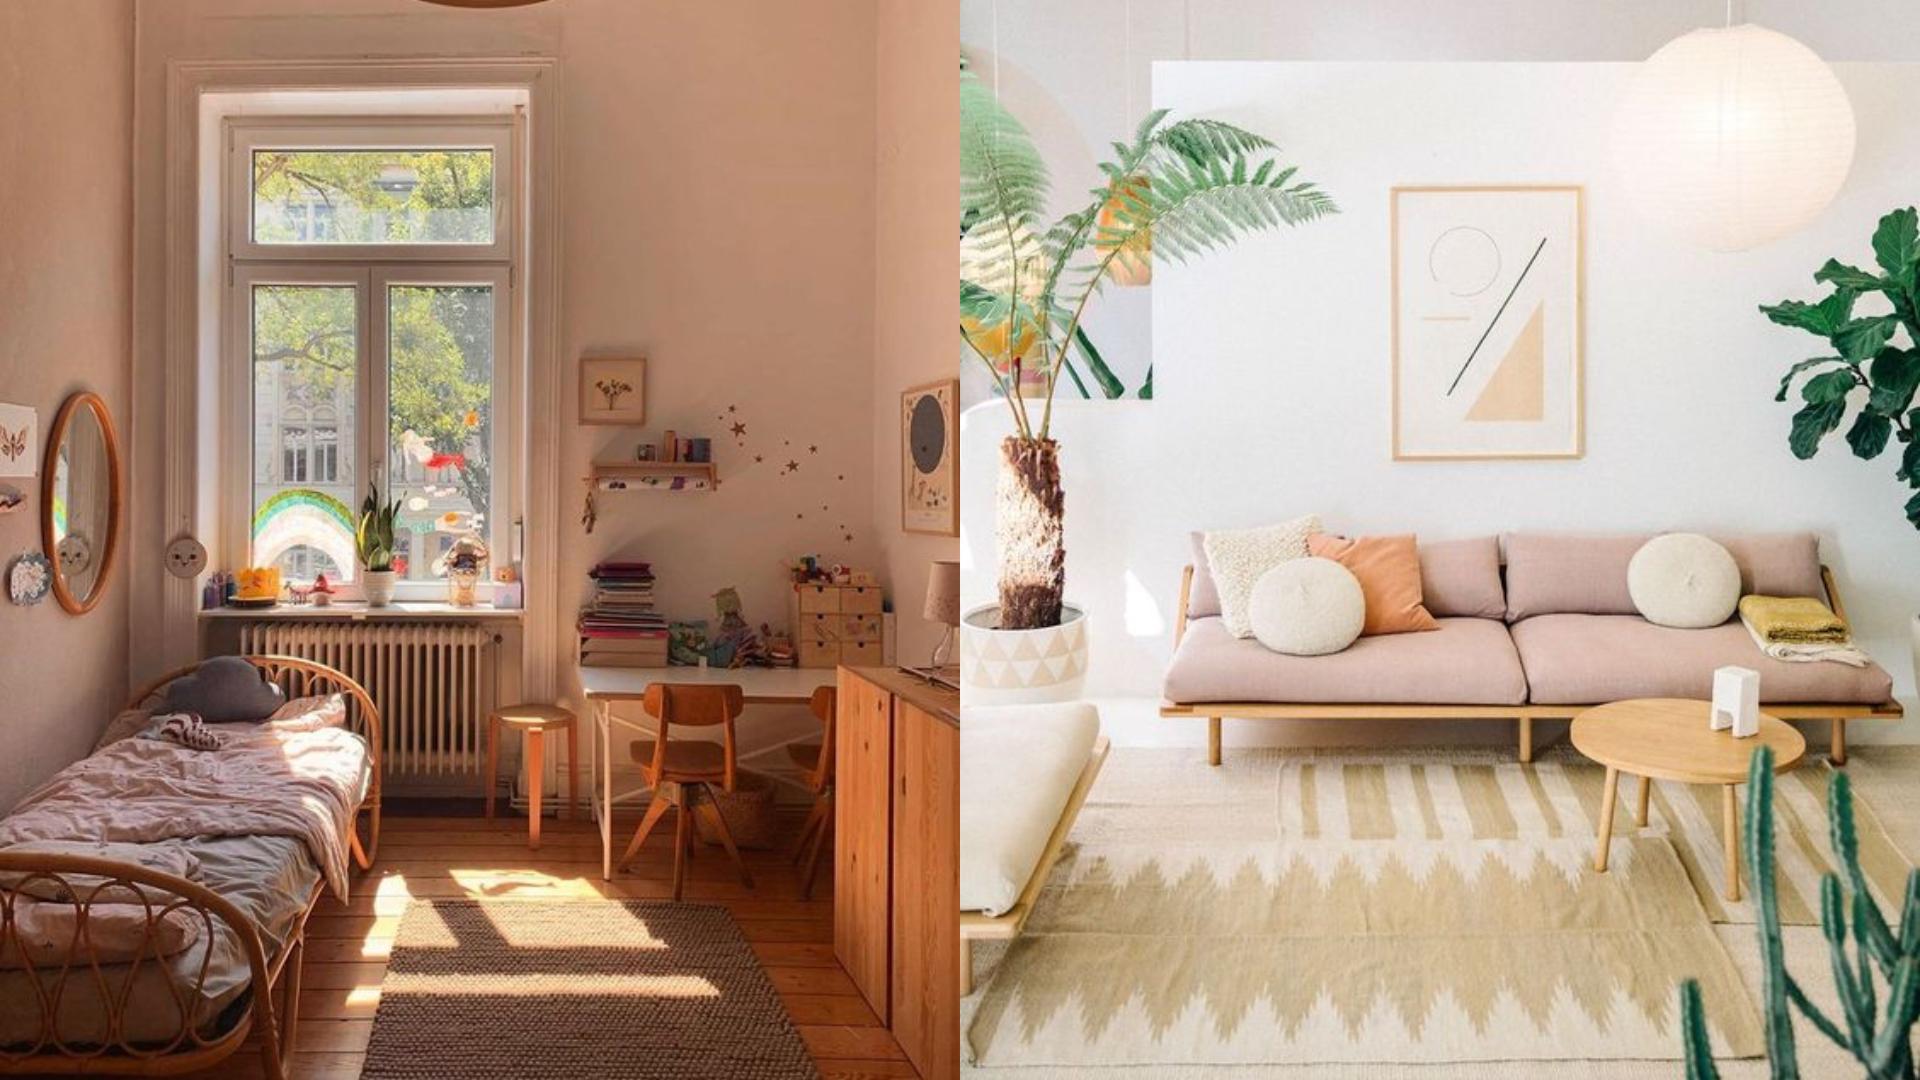 把房子住成家!4 個讓家更有溫度的佈置要點,材質、燈光都是關鍵